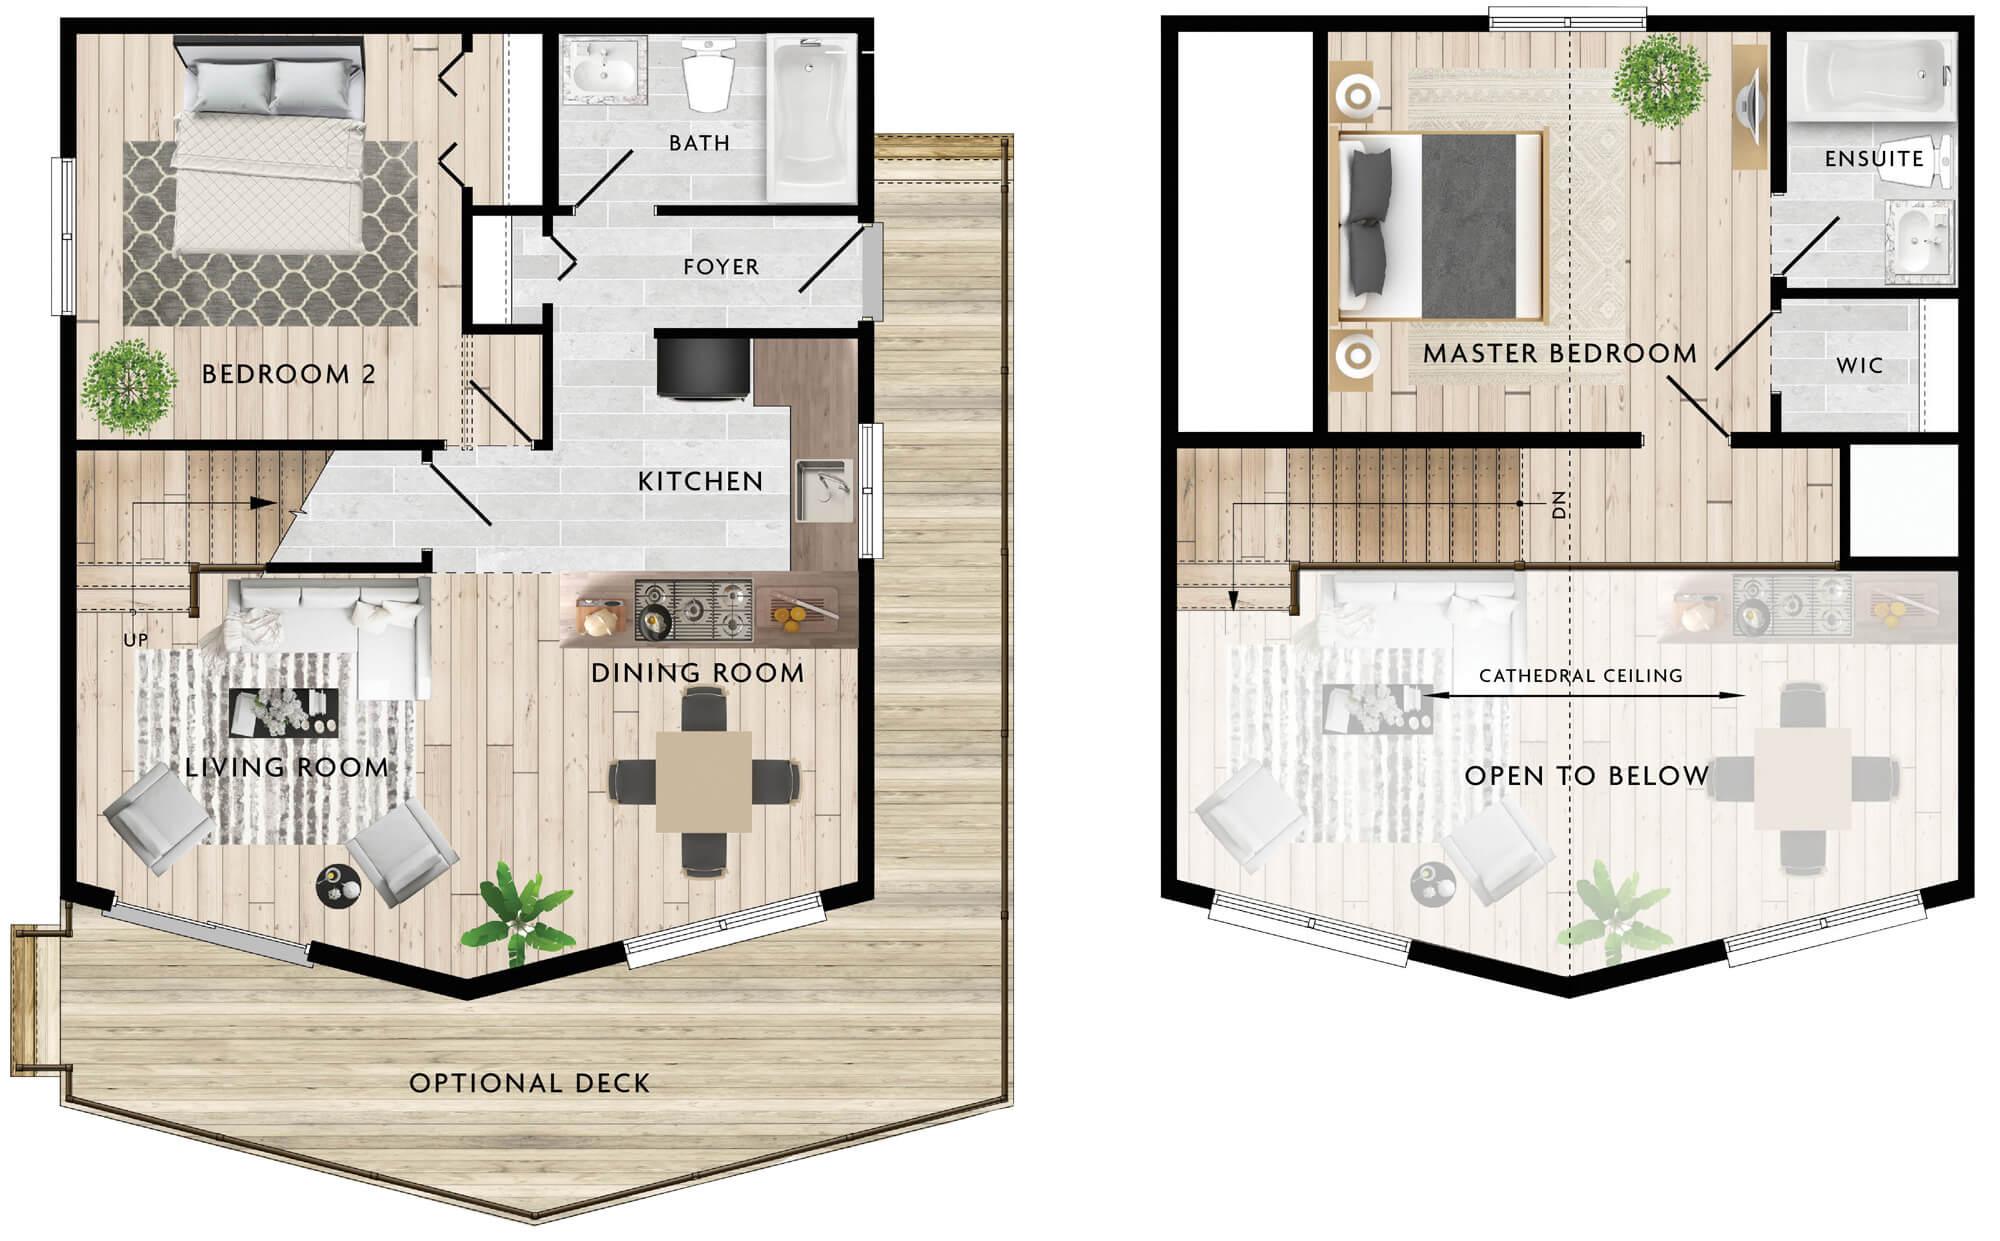 Siloquette II Floor Plan